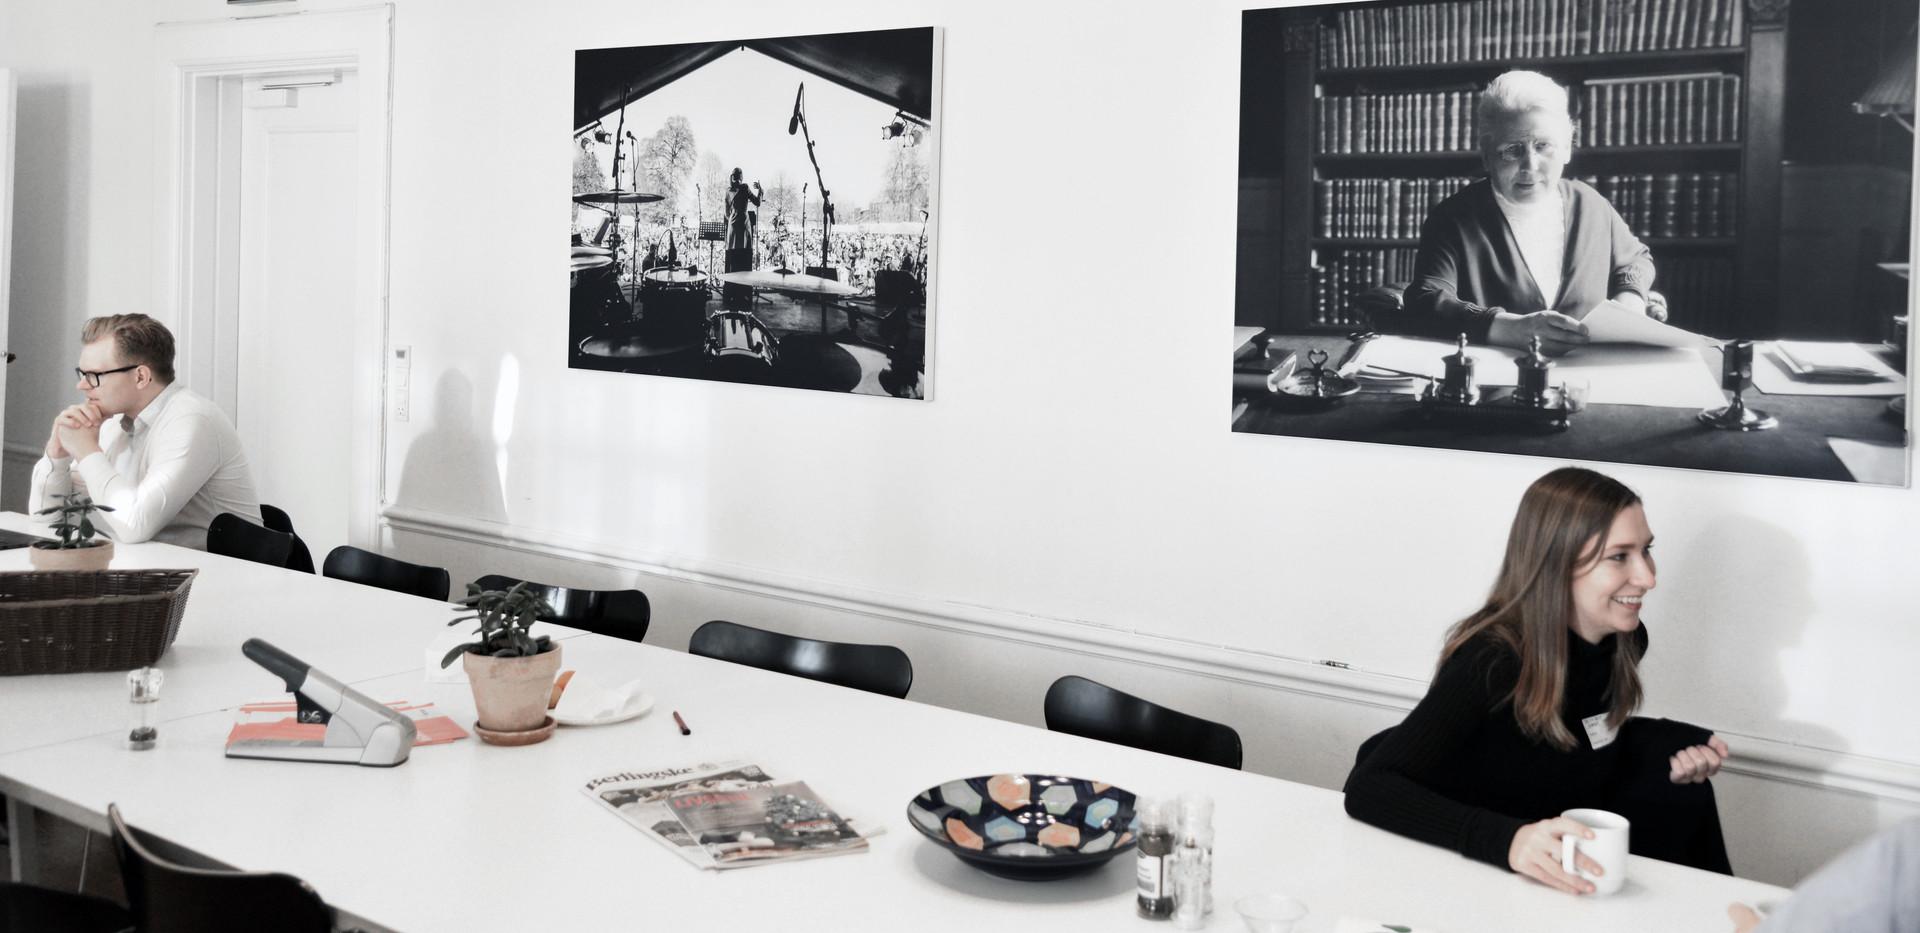 Akustikløsning hos Christiansborg der har skabt god akustik og ro til politisk debat